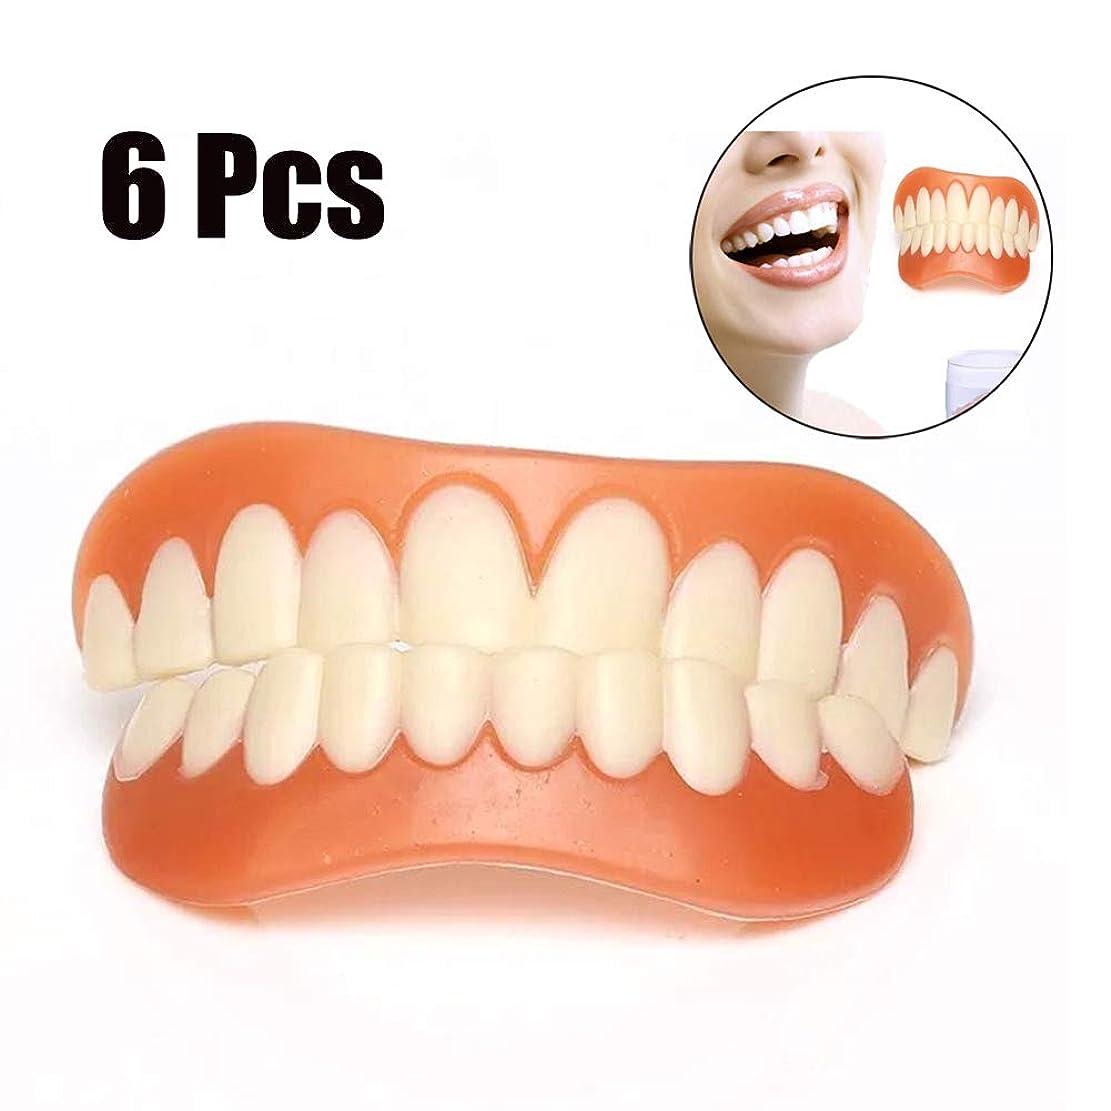 冒険者規模大邸宅6本のパーフェクトスマイルベニヤ歯インスタントスマイルコンフォートフレックス義歯数分以内に自宅であなたの笑顔を修正